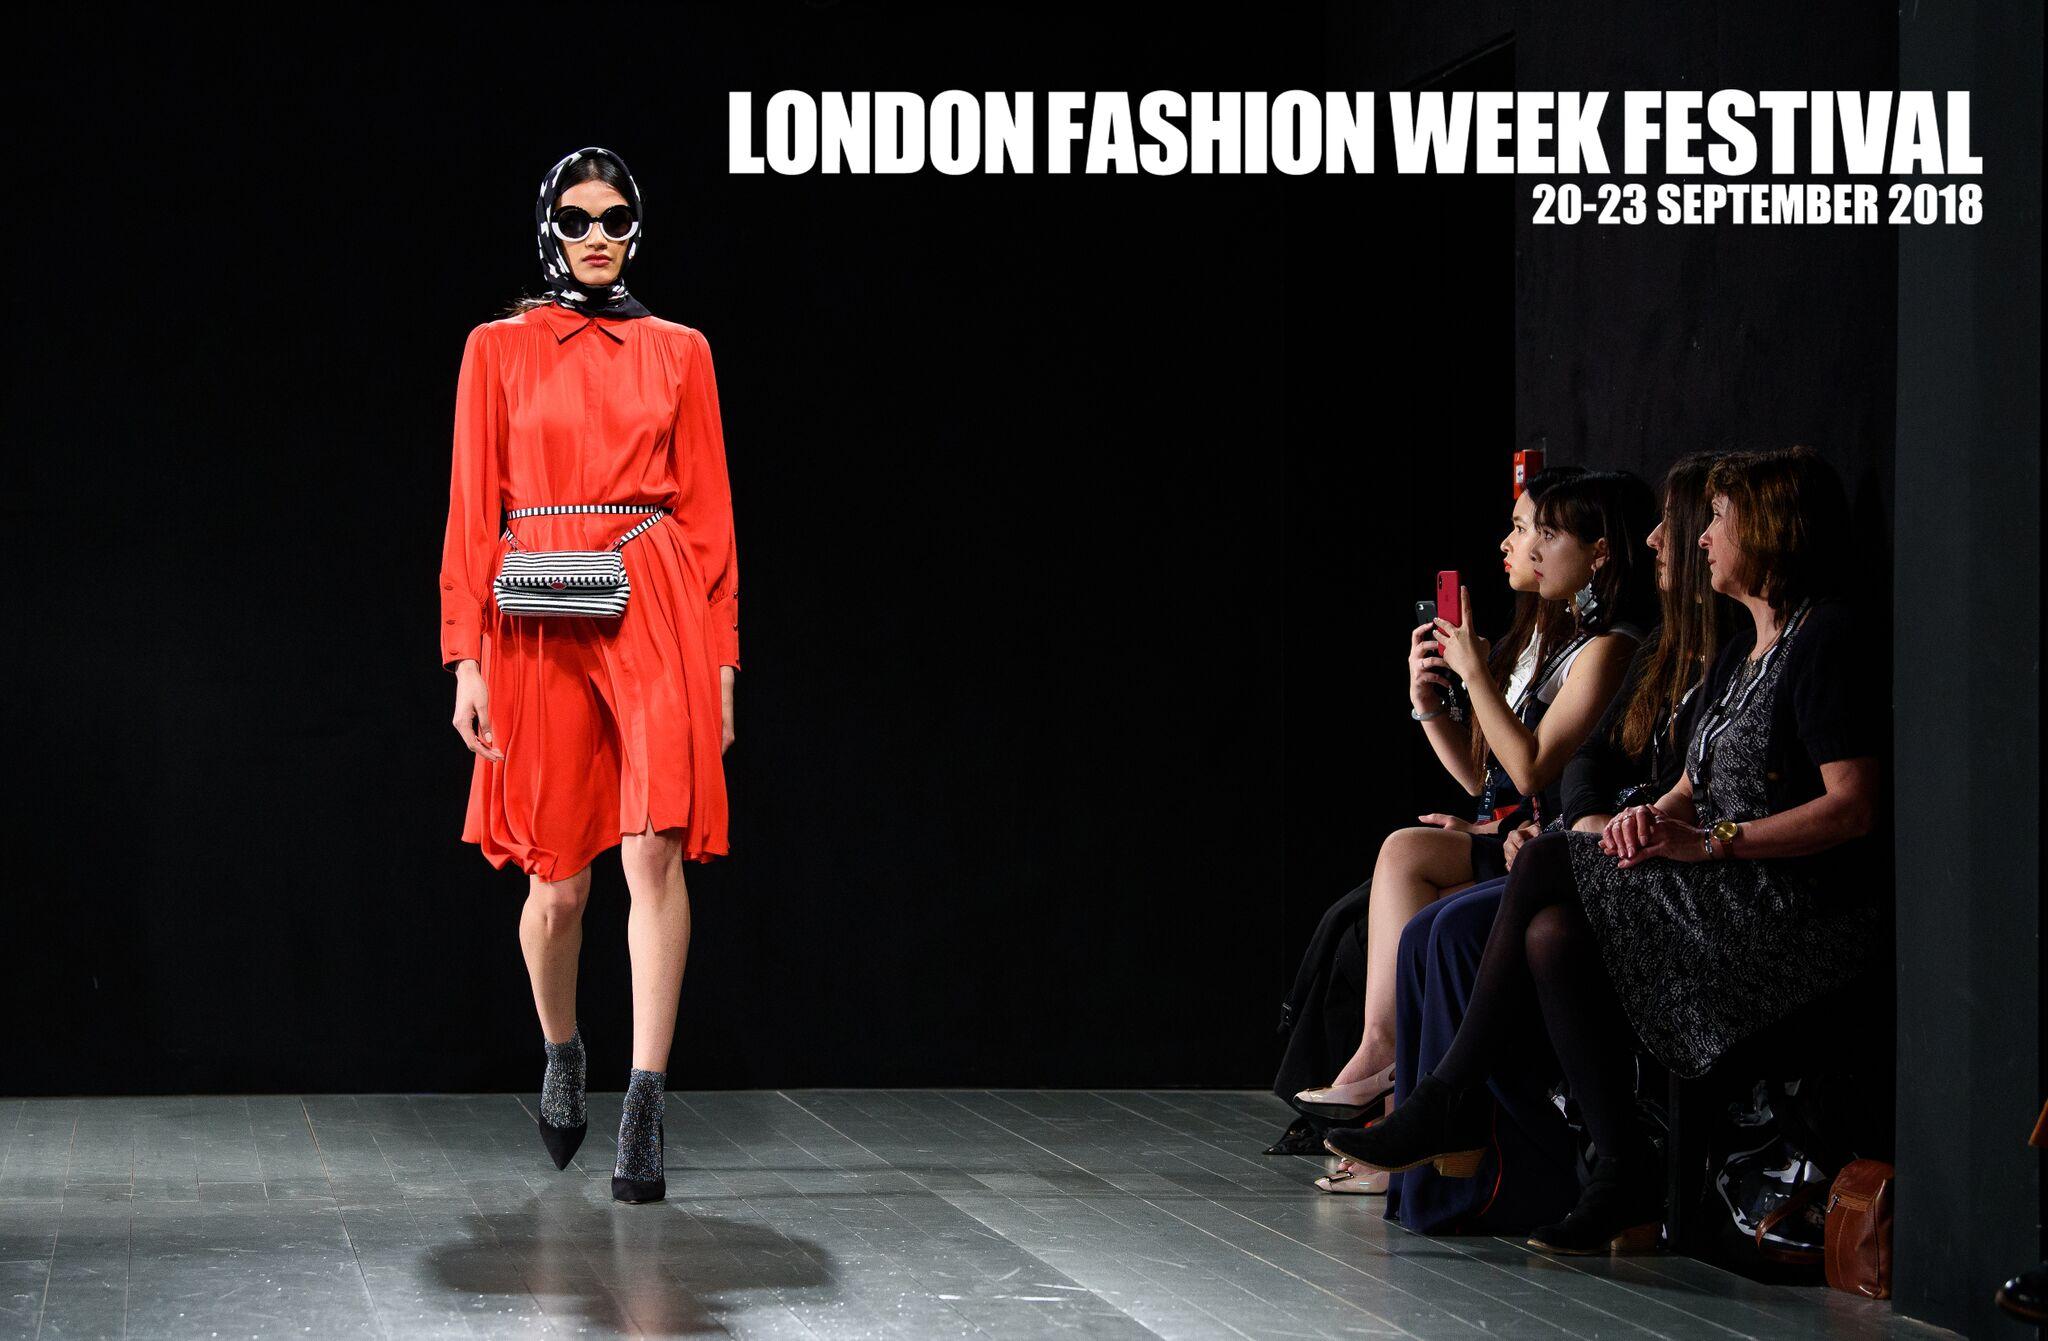 伦敦时装周活动独家20%OFF订票折扣 | 献给热爱时尚的你